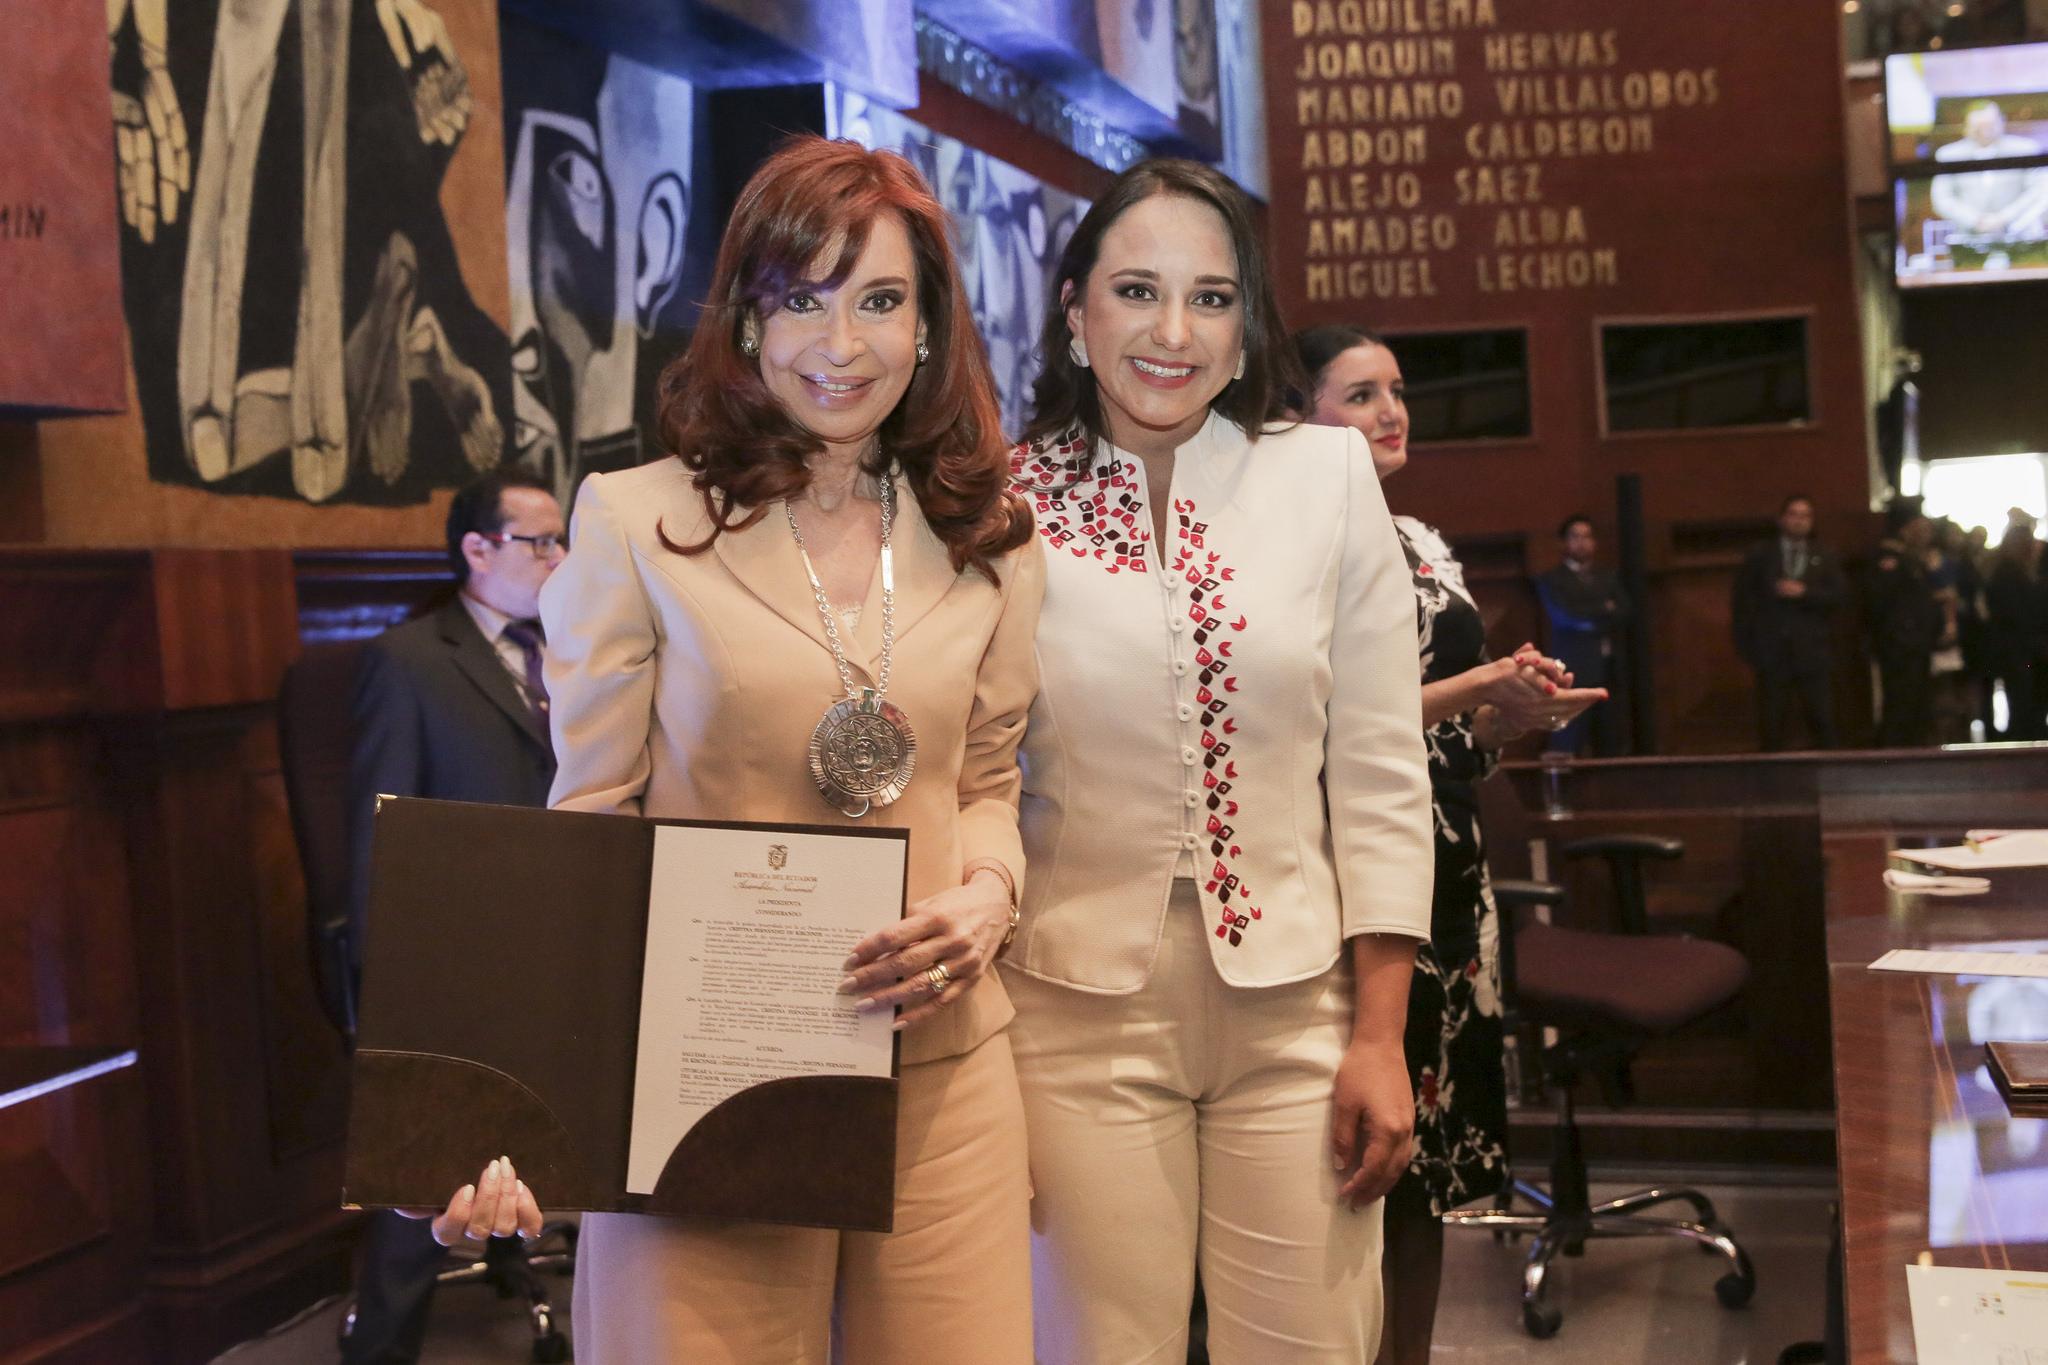 Ecuador: Condecoración a Cristina Fernández